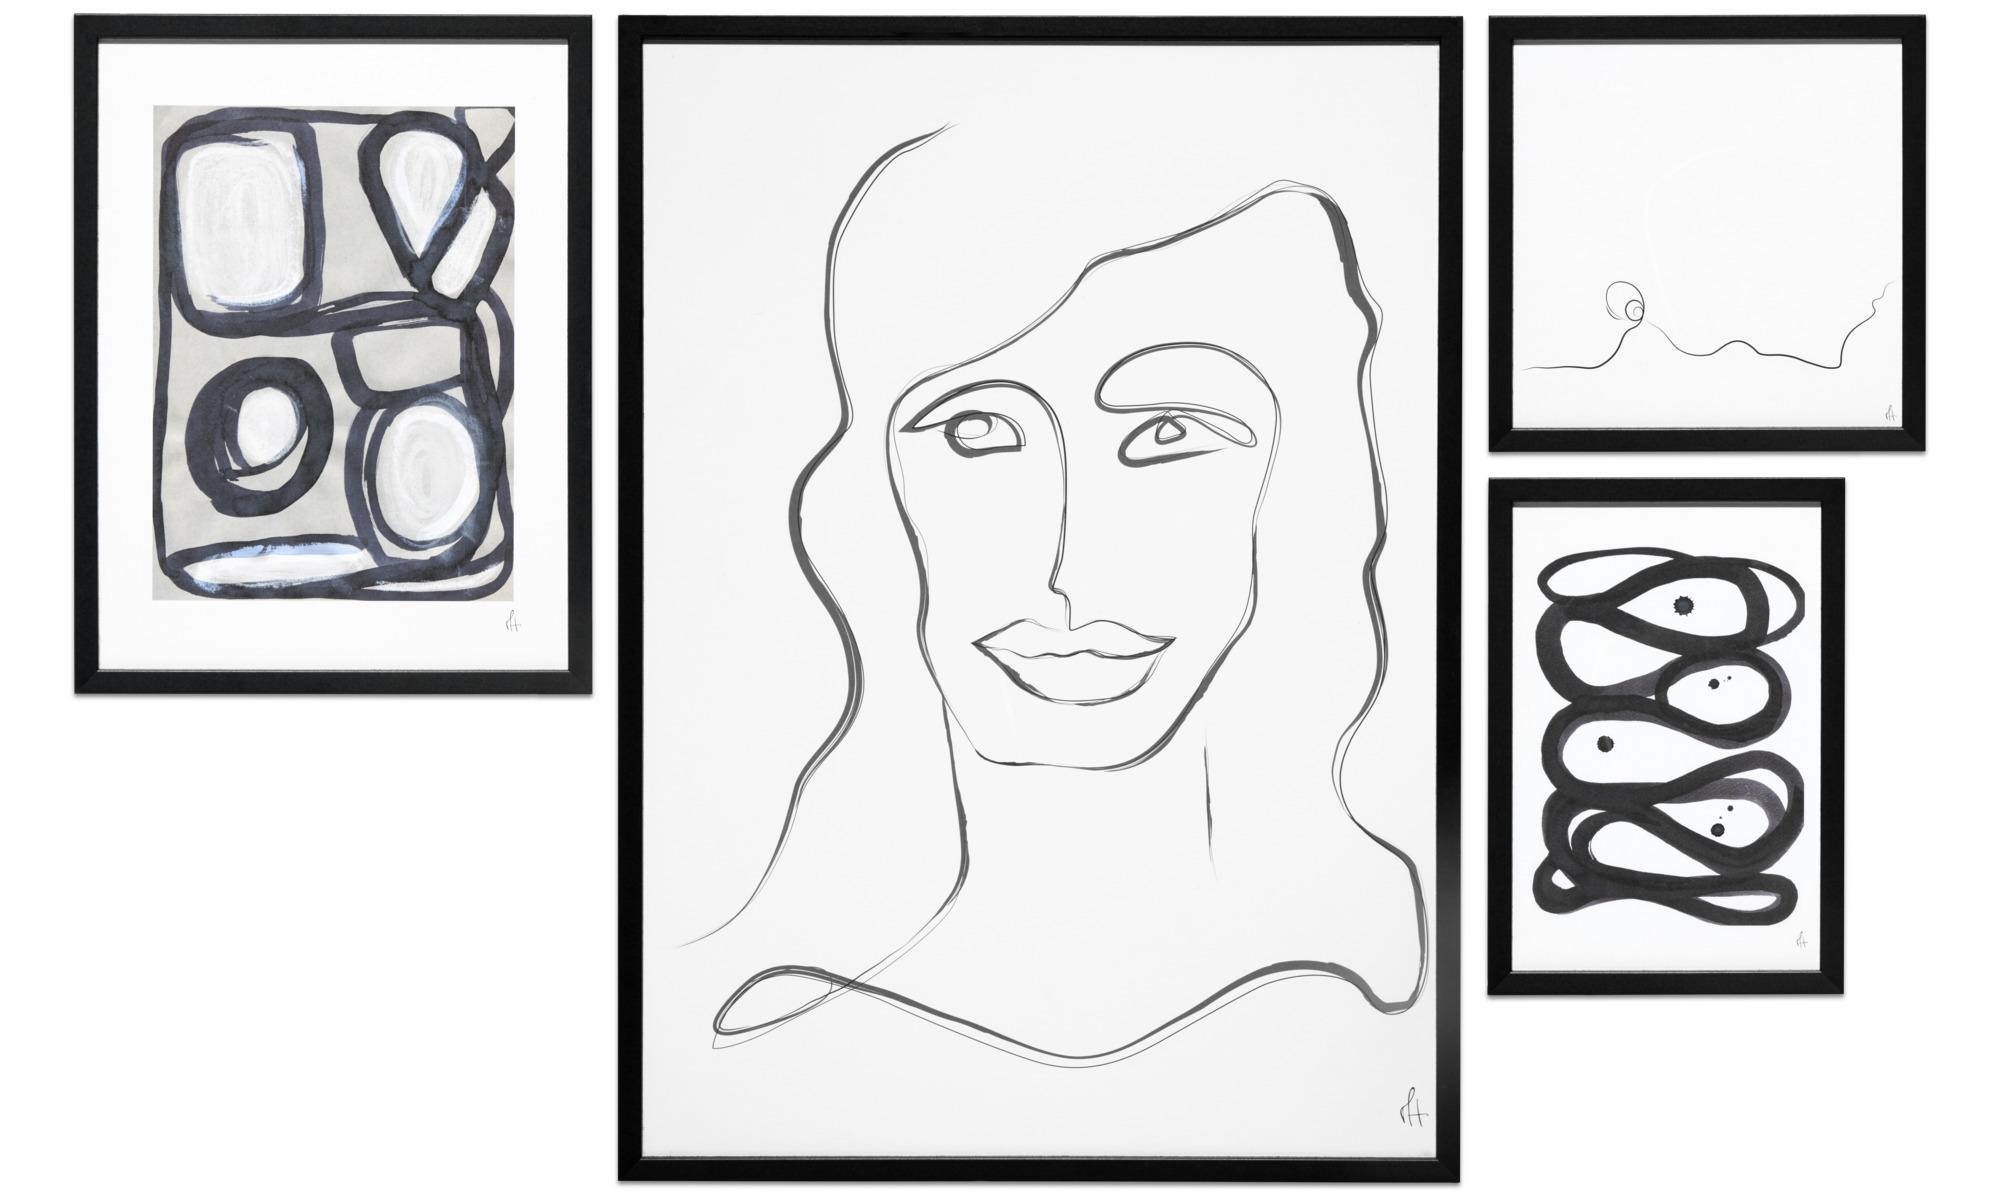 Galeria - Artystyczny plakat Art Lines, zestaw 4szt. - Czarny - Papier